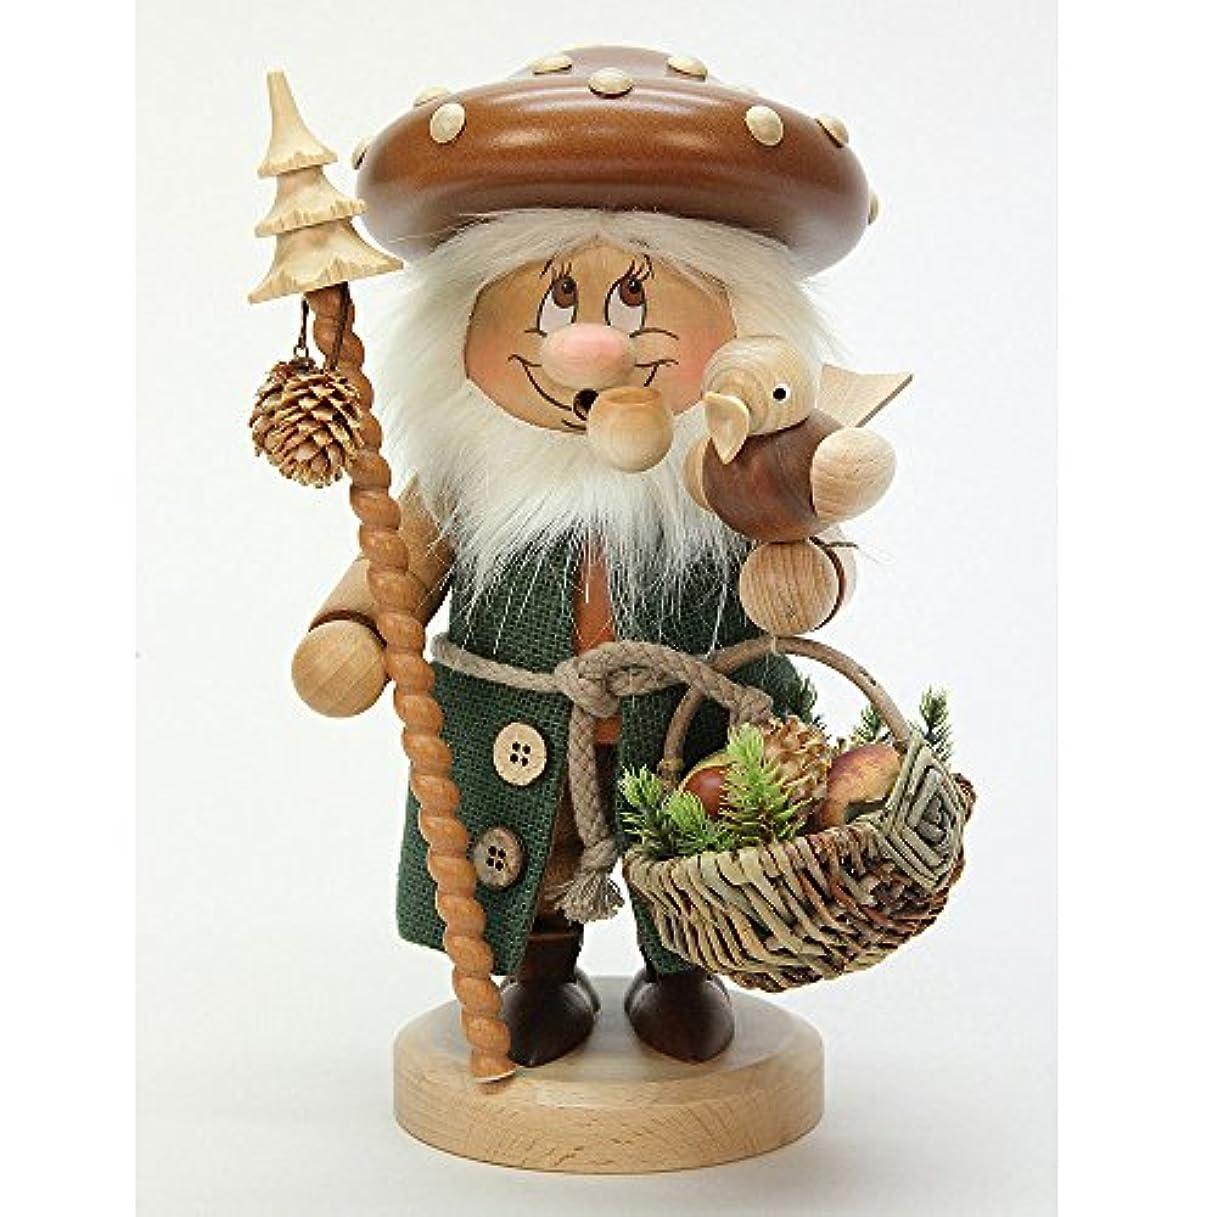 対抗レタッチ郵便局ドイツ語喫煙者Incense GnomeマッシュルームMan – 27 cm / 11インチ – Christian Ulbricht